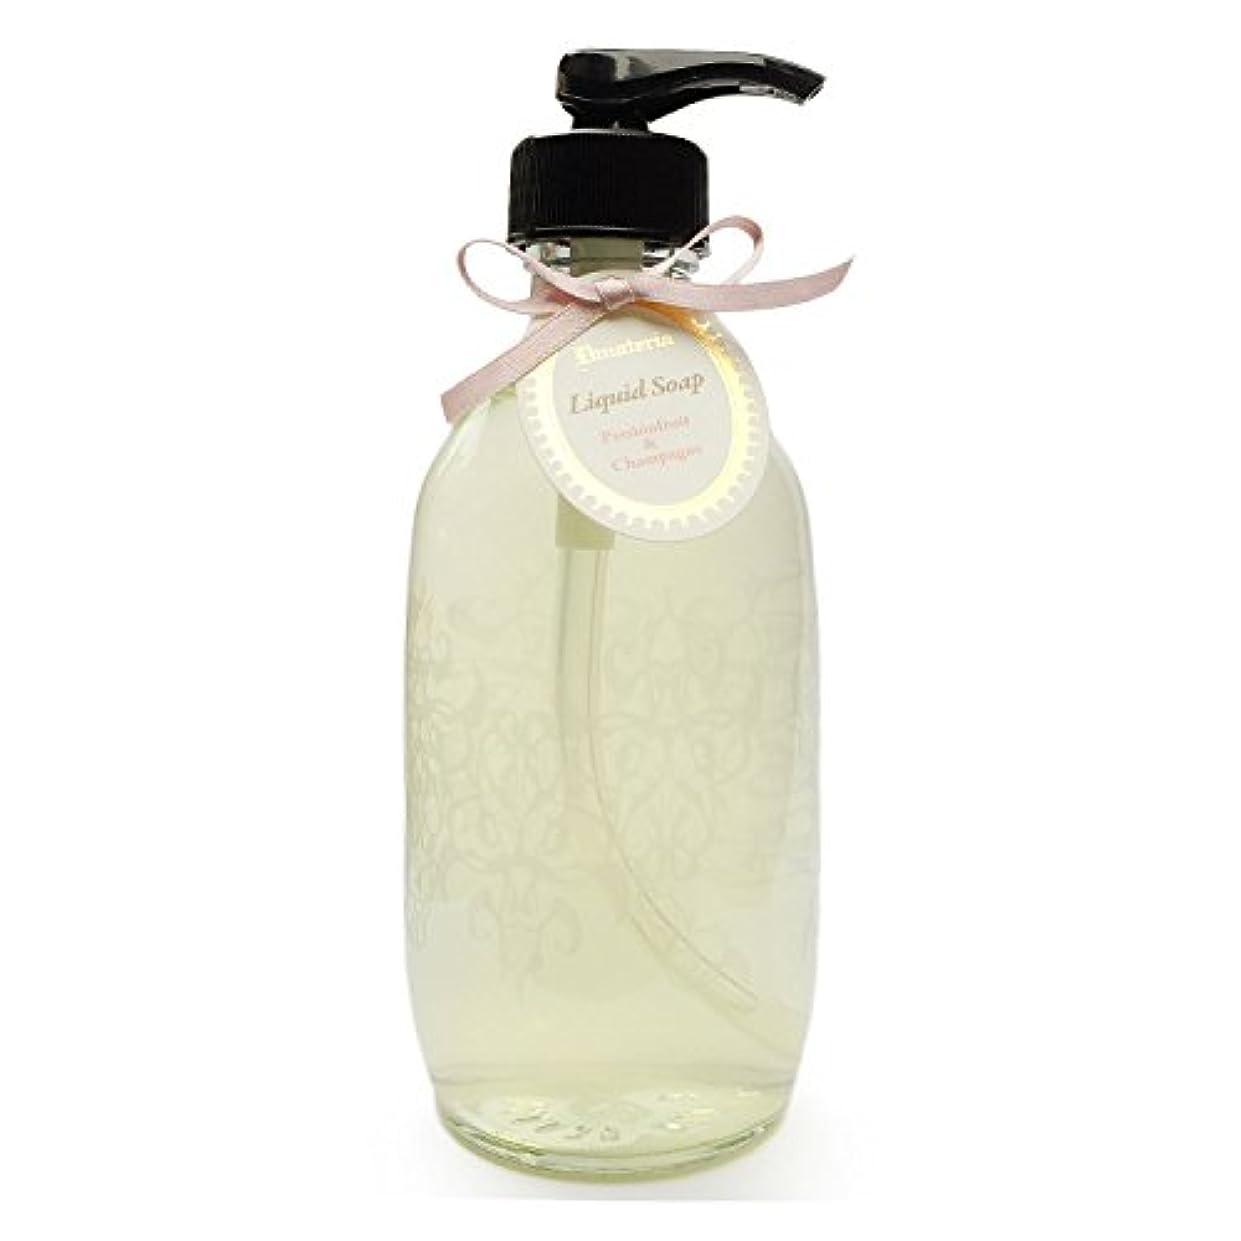 貨物フックブルームD materia リキッドソープ パッションフルーツ&シャンパン Passionfruit&Champagne Liquid Soap ディーマテリア